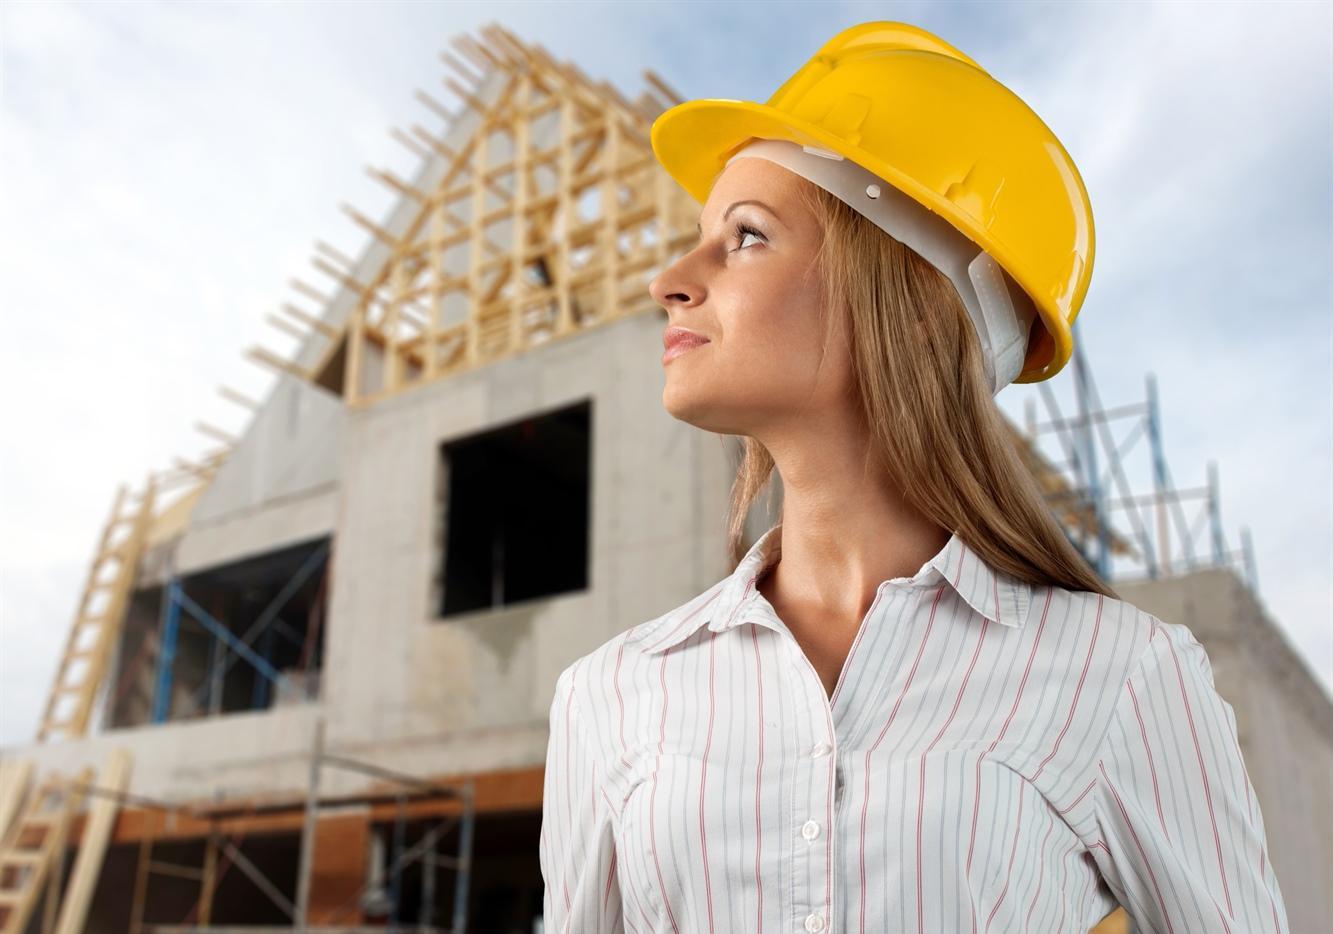 работа в строительстве для девушек